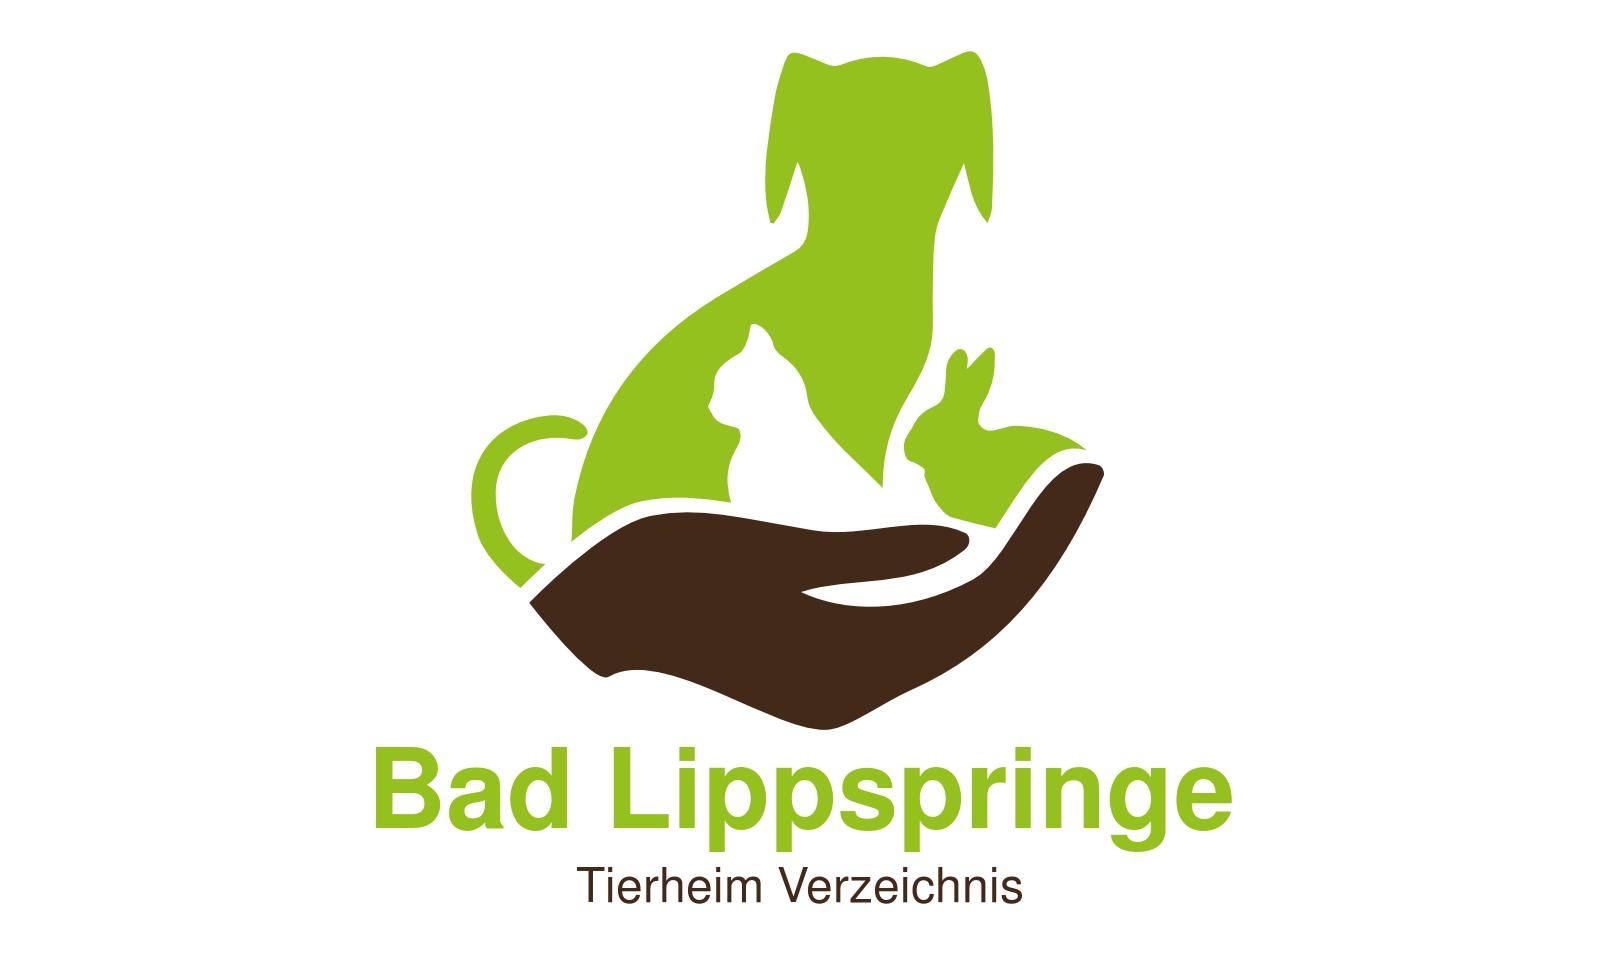 Tierheim Bad Lippspringe